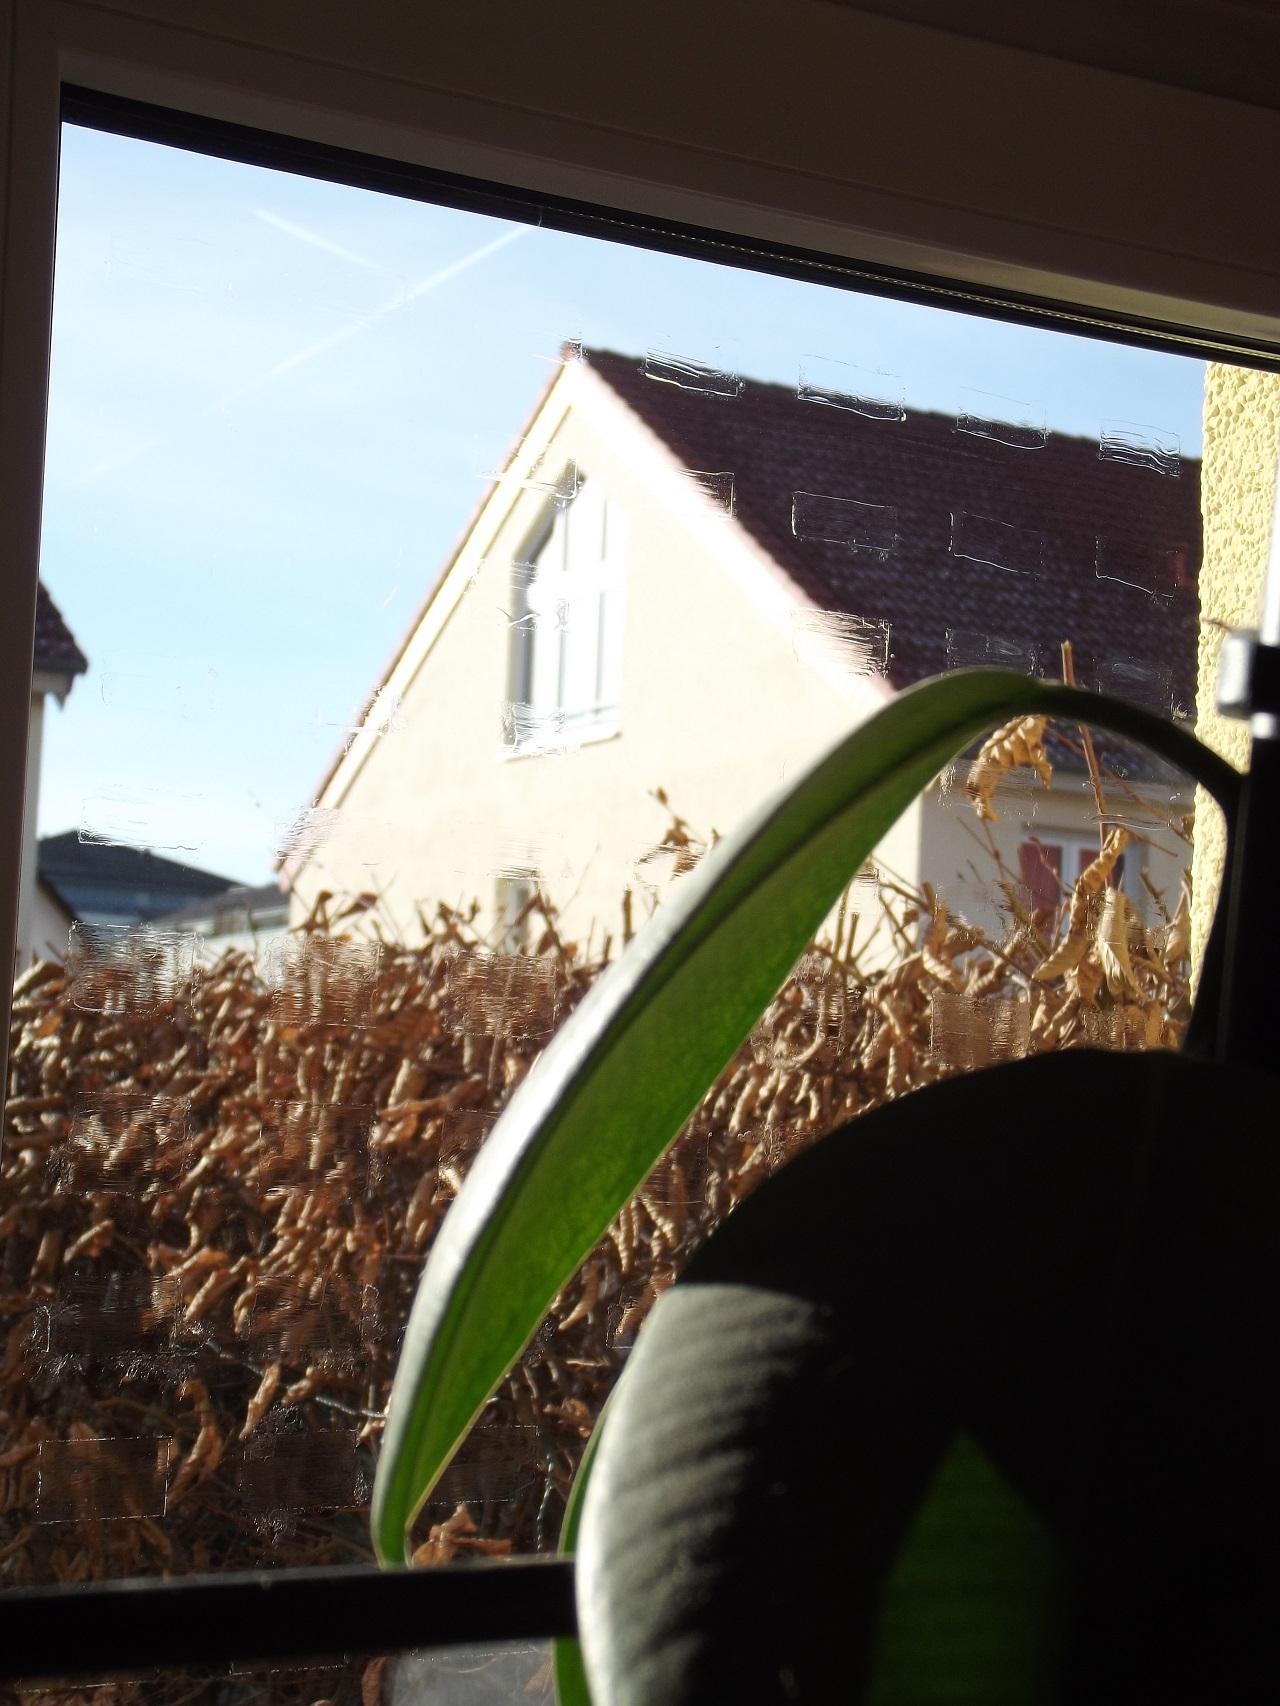 Vogelschutz-Filzstift, Muster am Fenster, außen